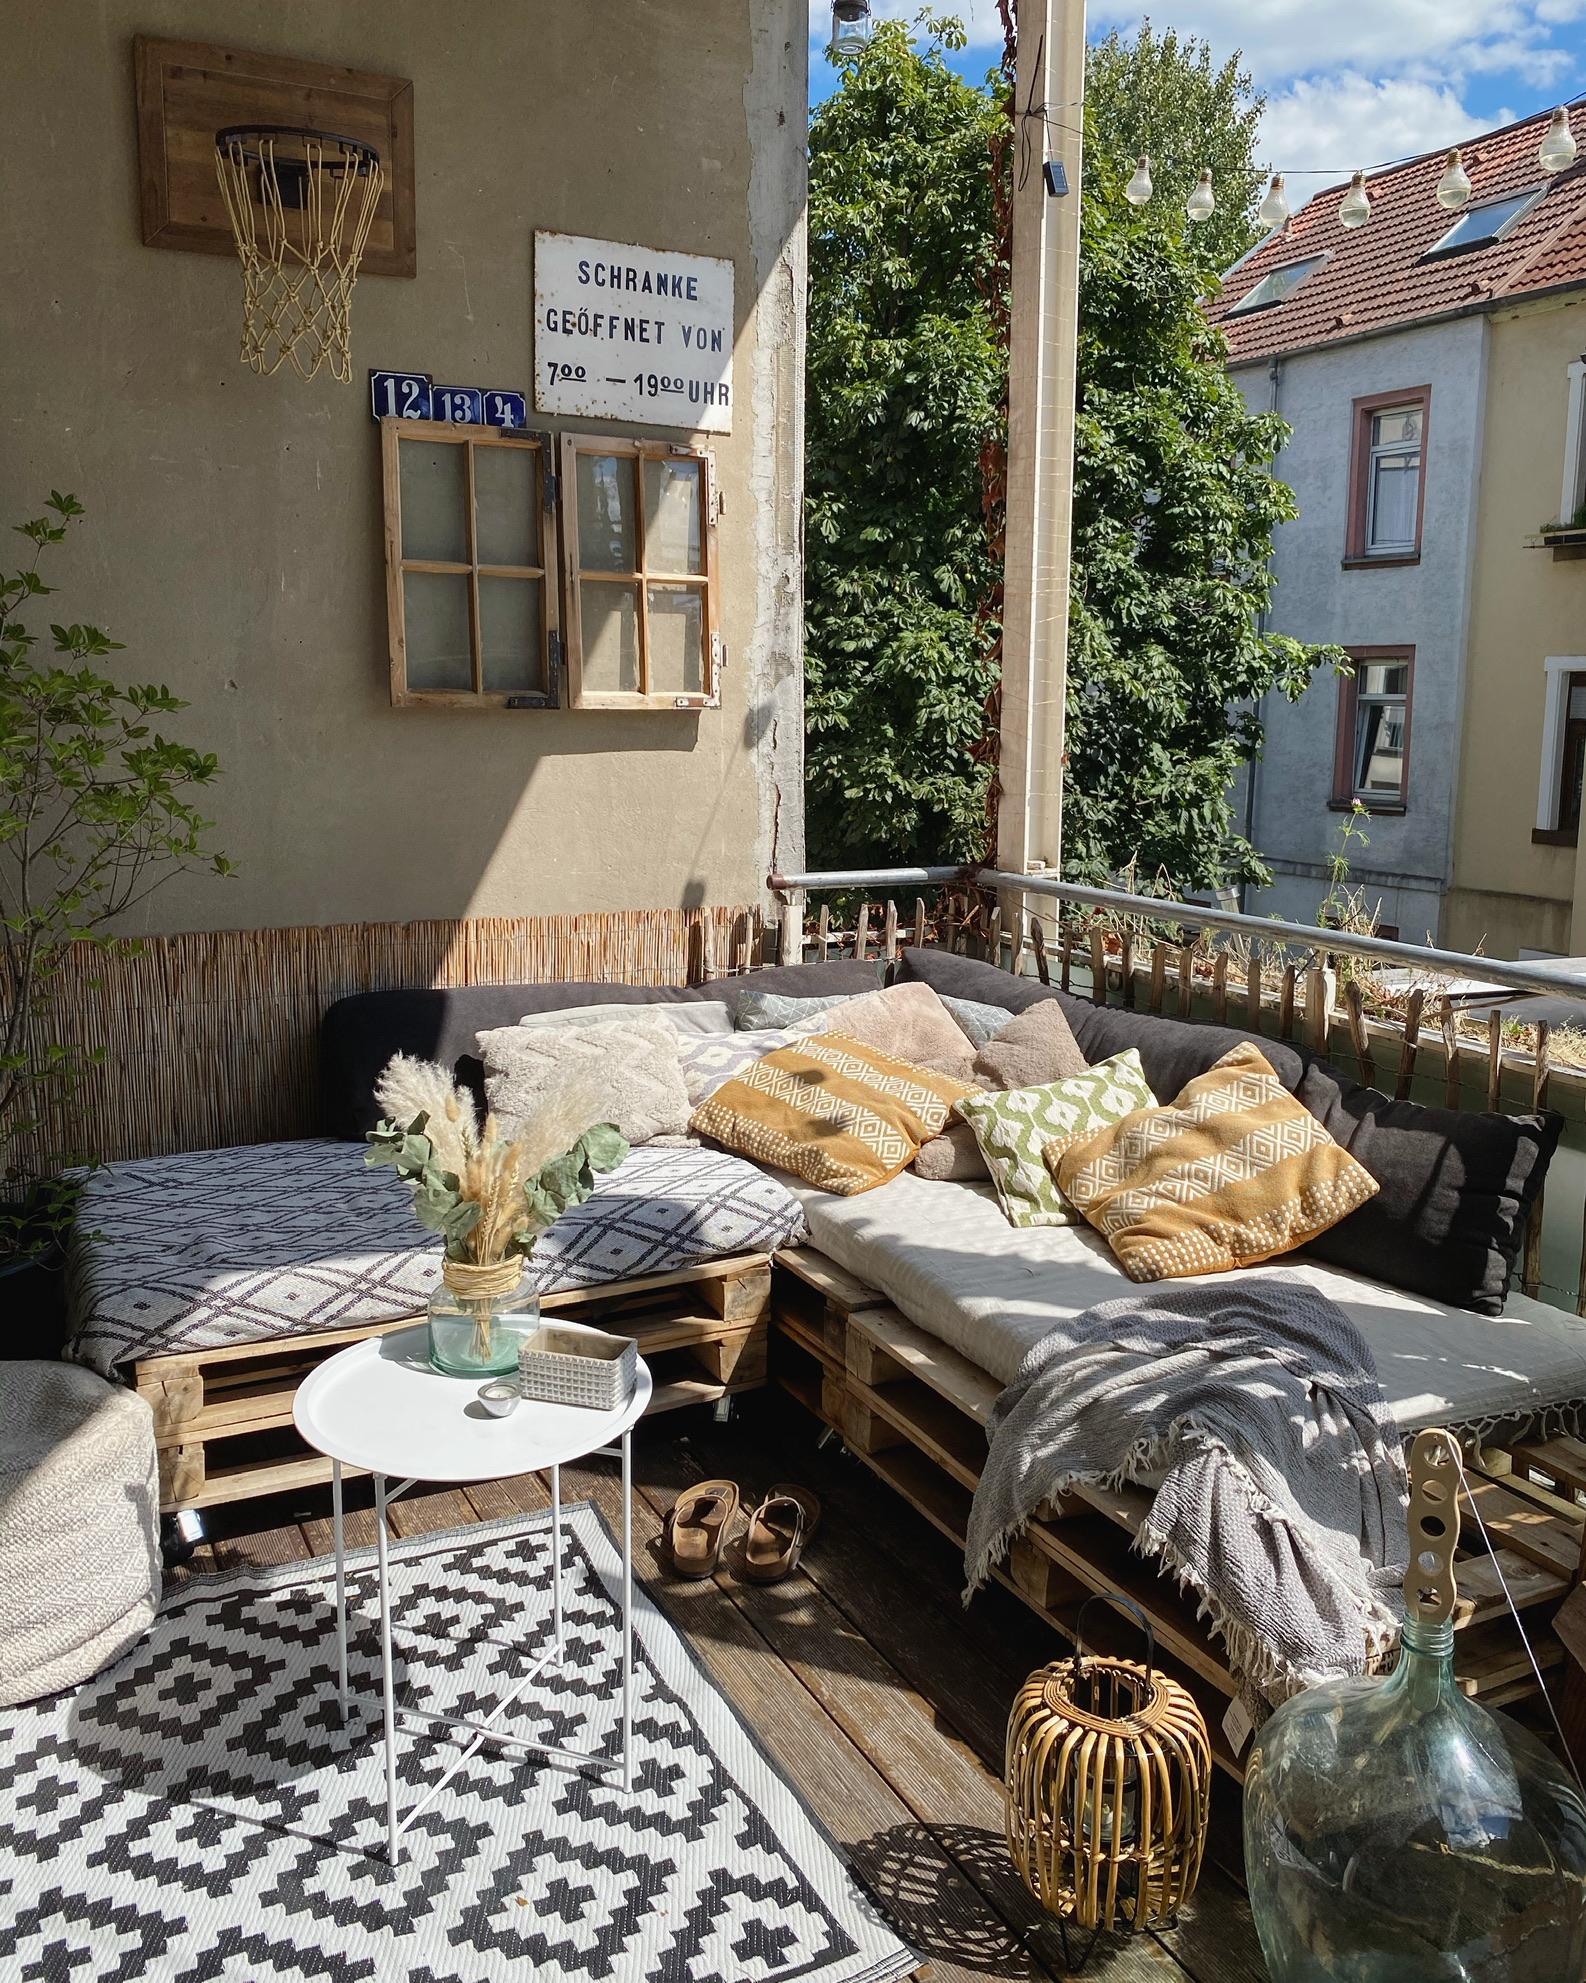 Europalettenmöbel auf dem Balkon